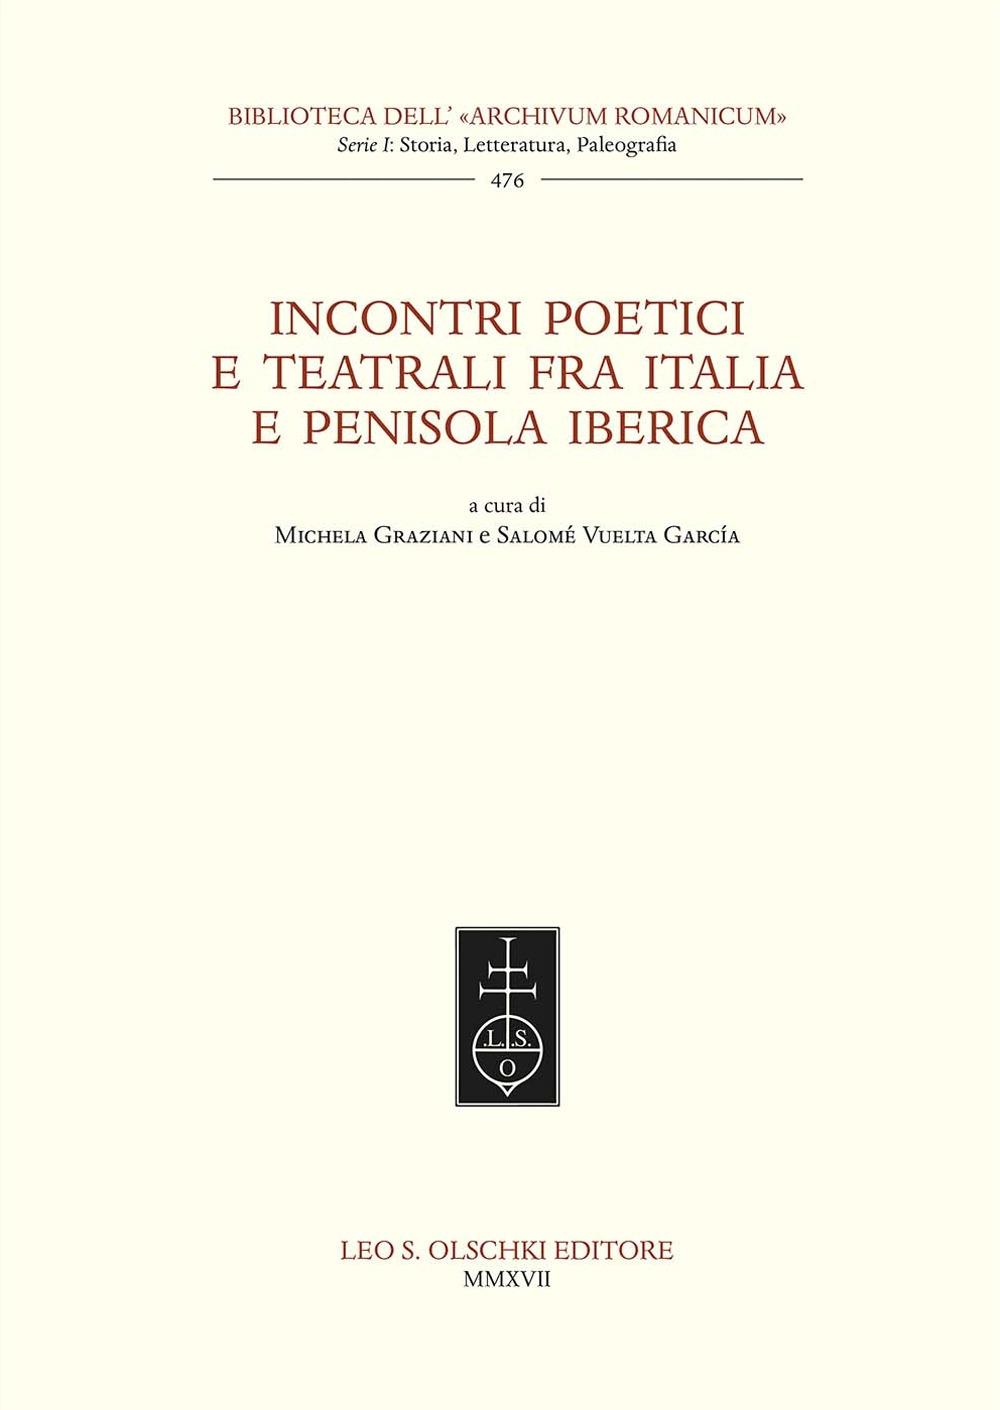 Incontri poetici e teatrali fra Italia e Penisola Iberica.